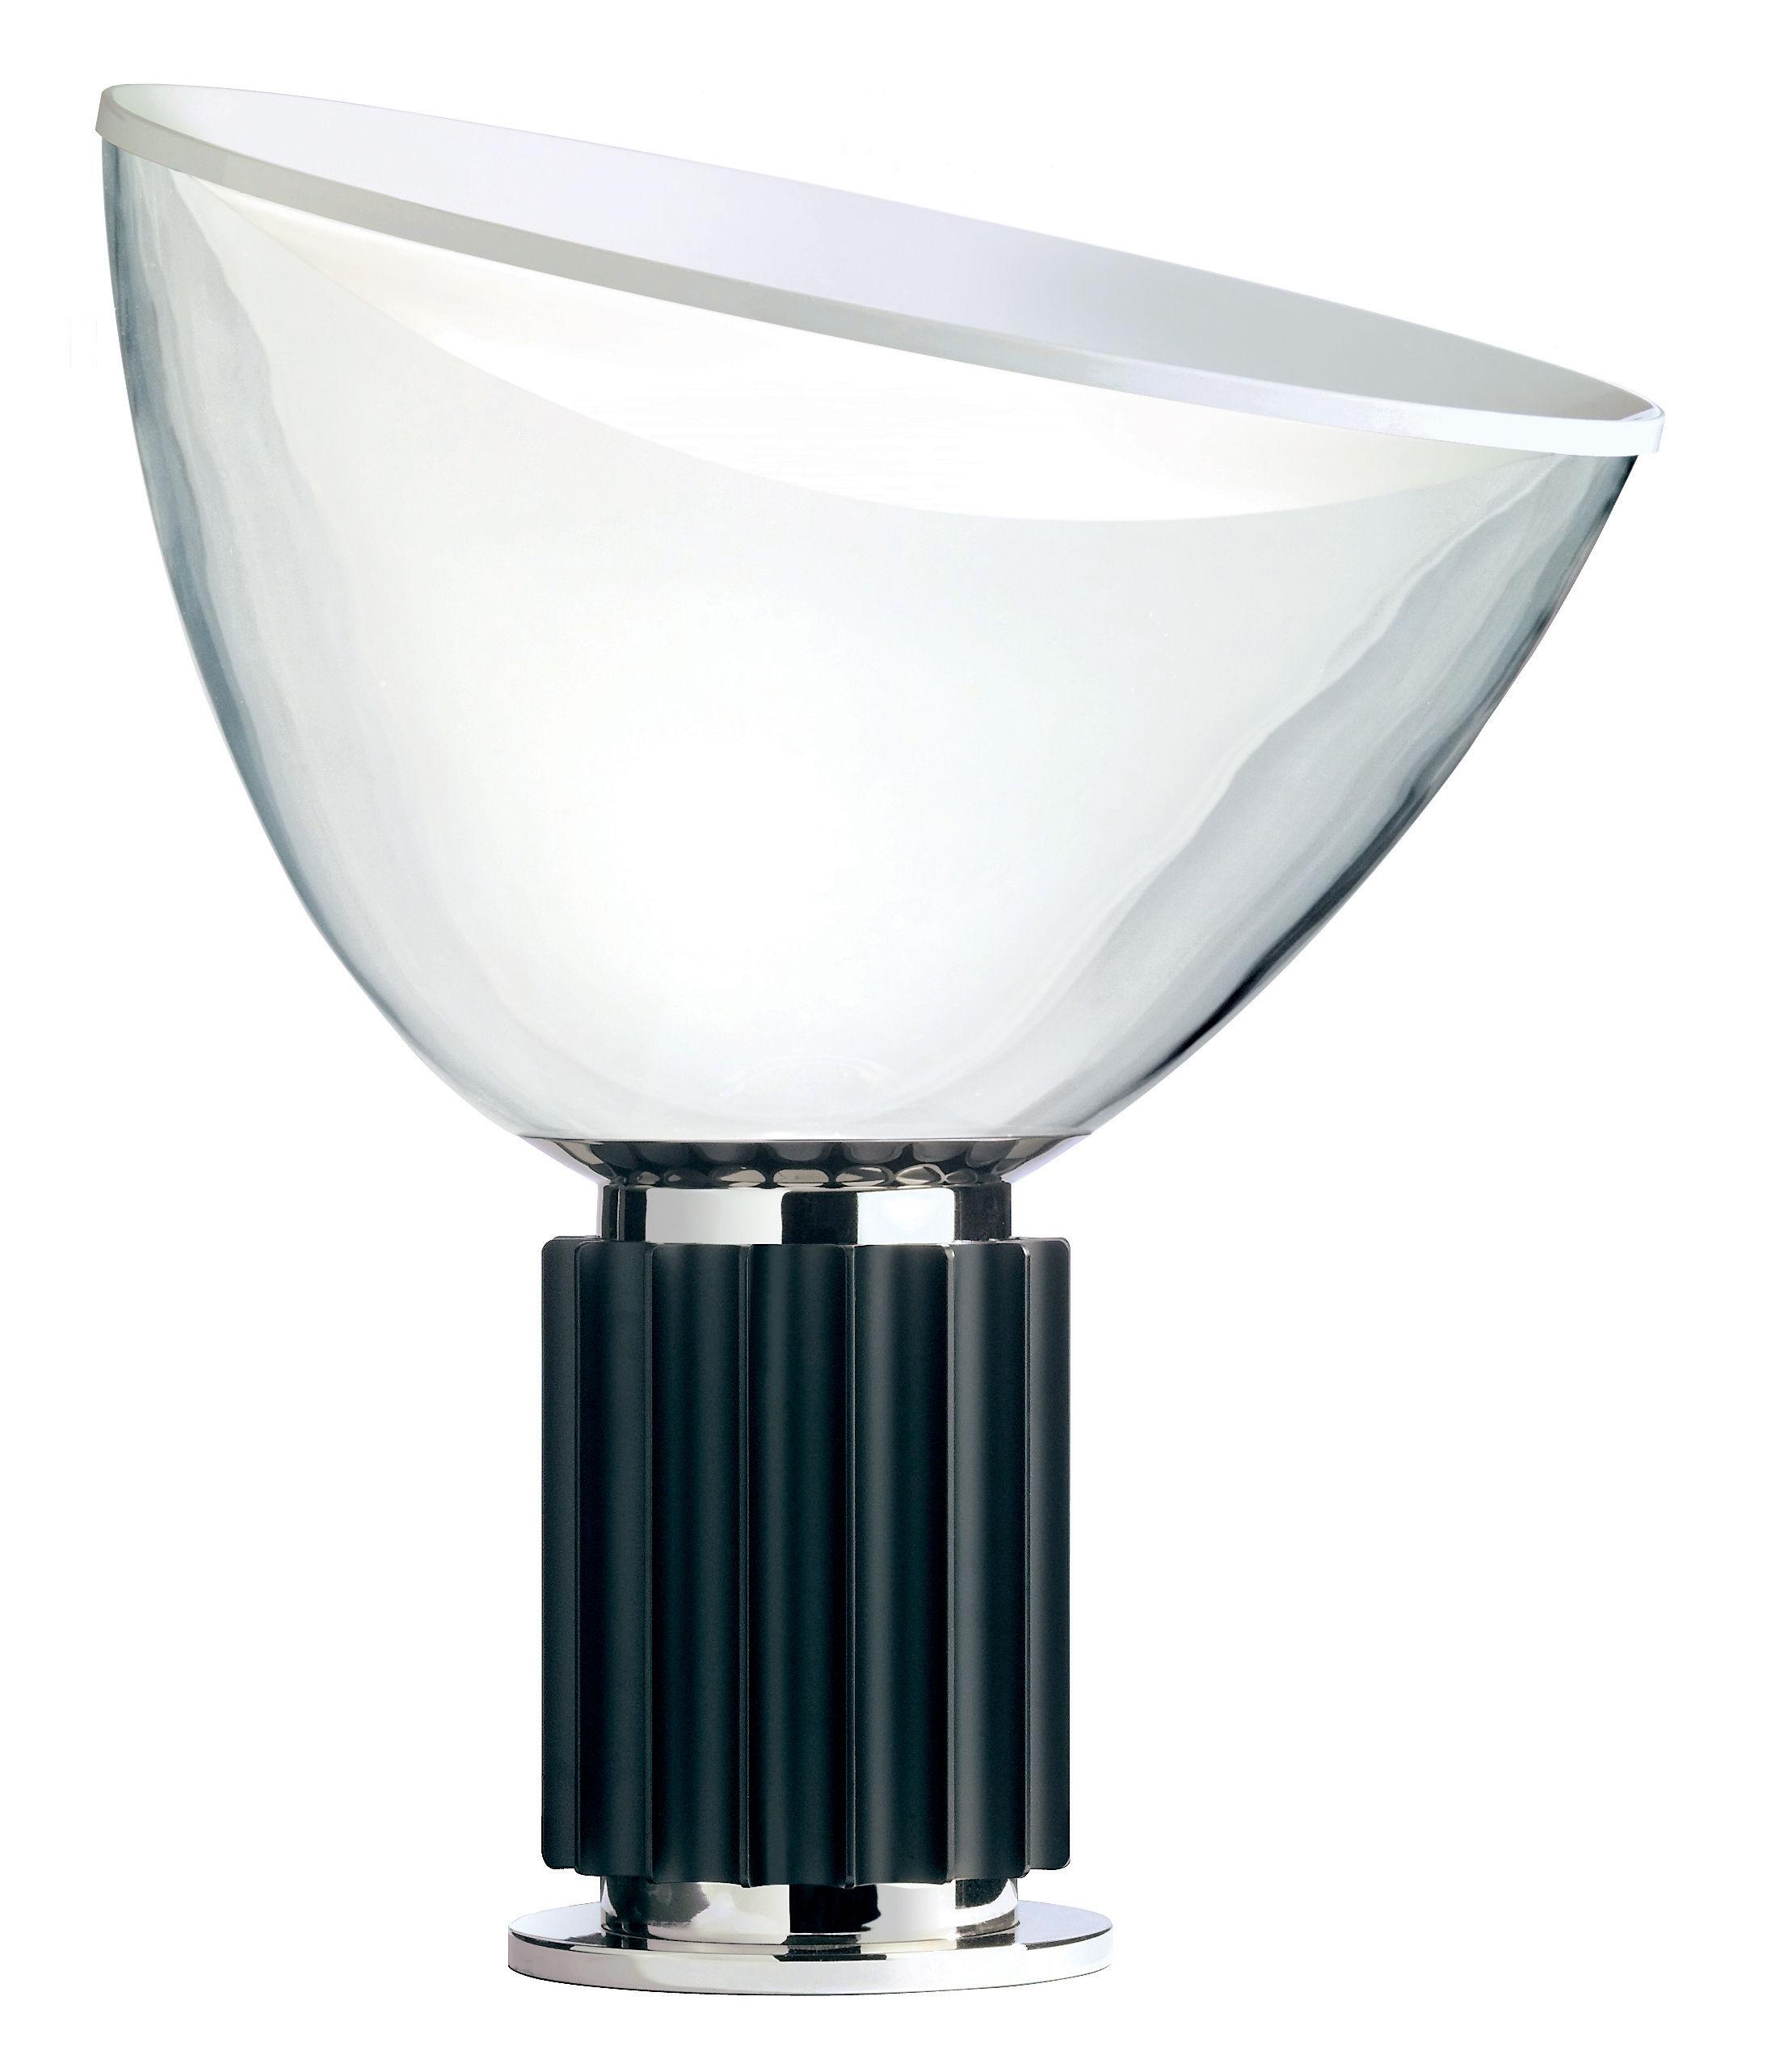 Scopri Lampada da tavolo Taccia, Base Nera di Flos, Made In Design Italia